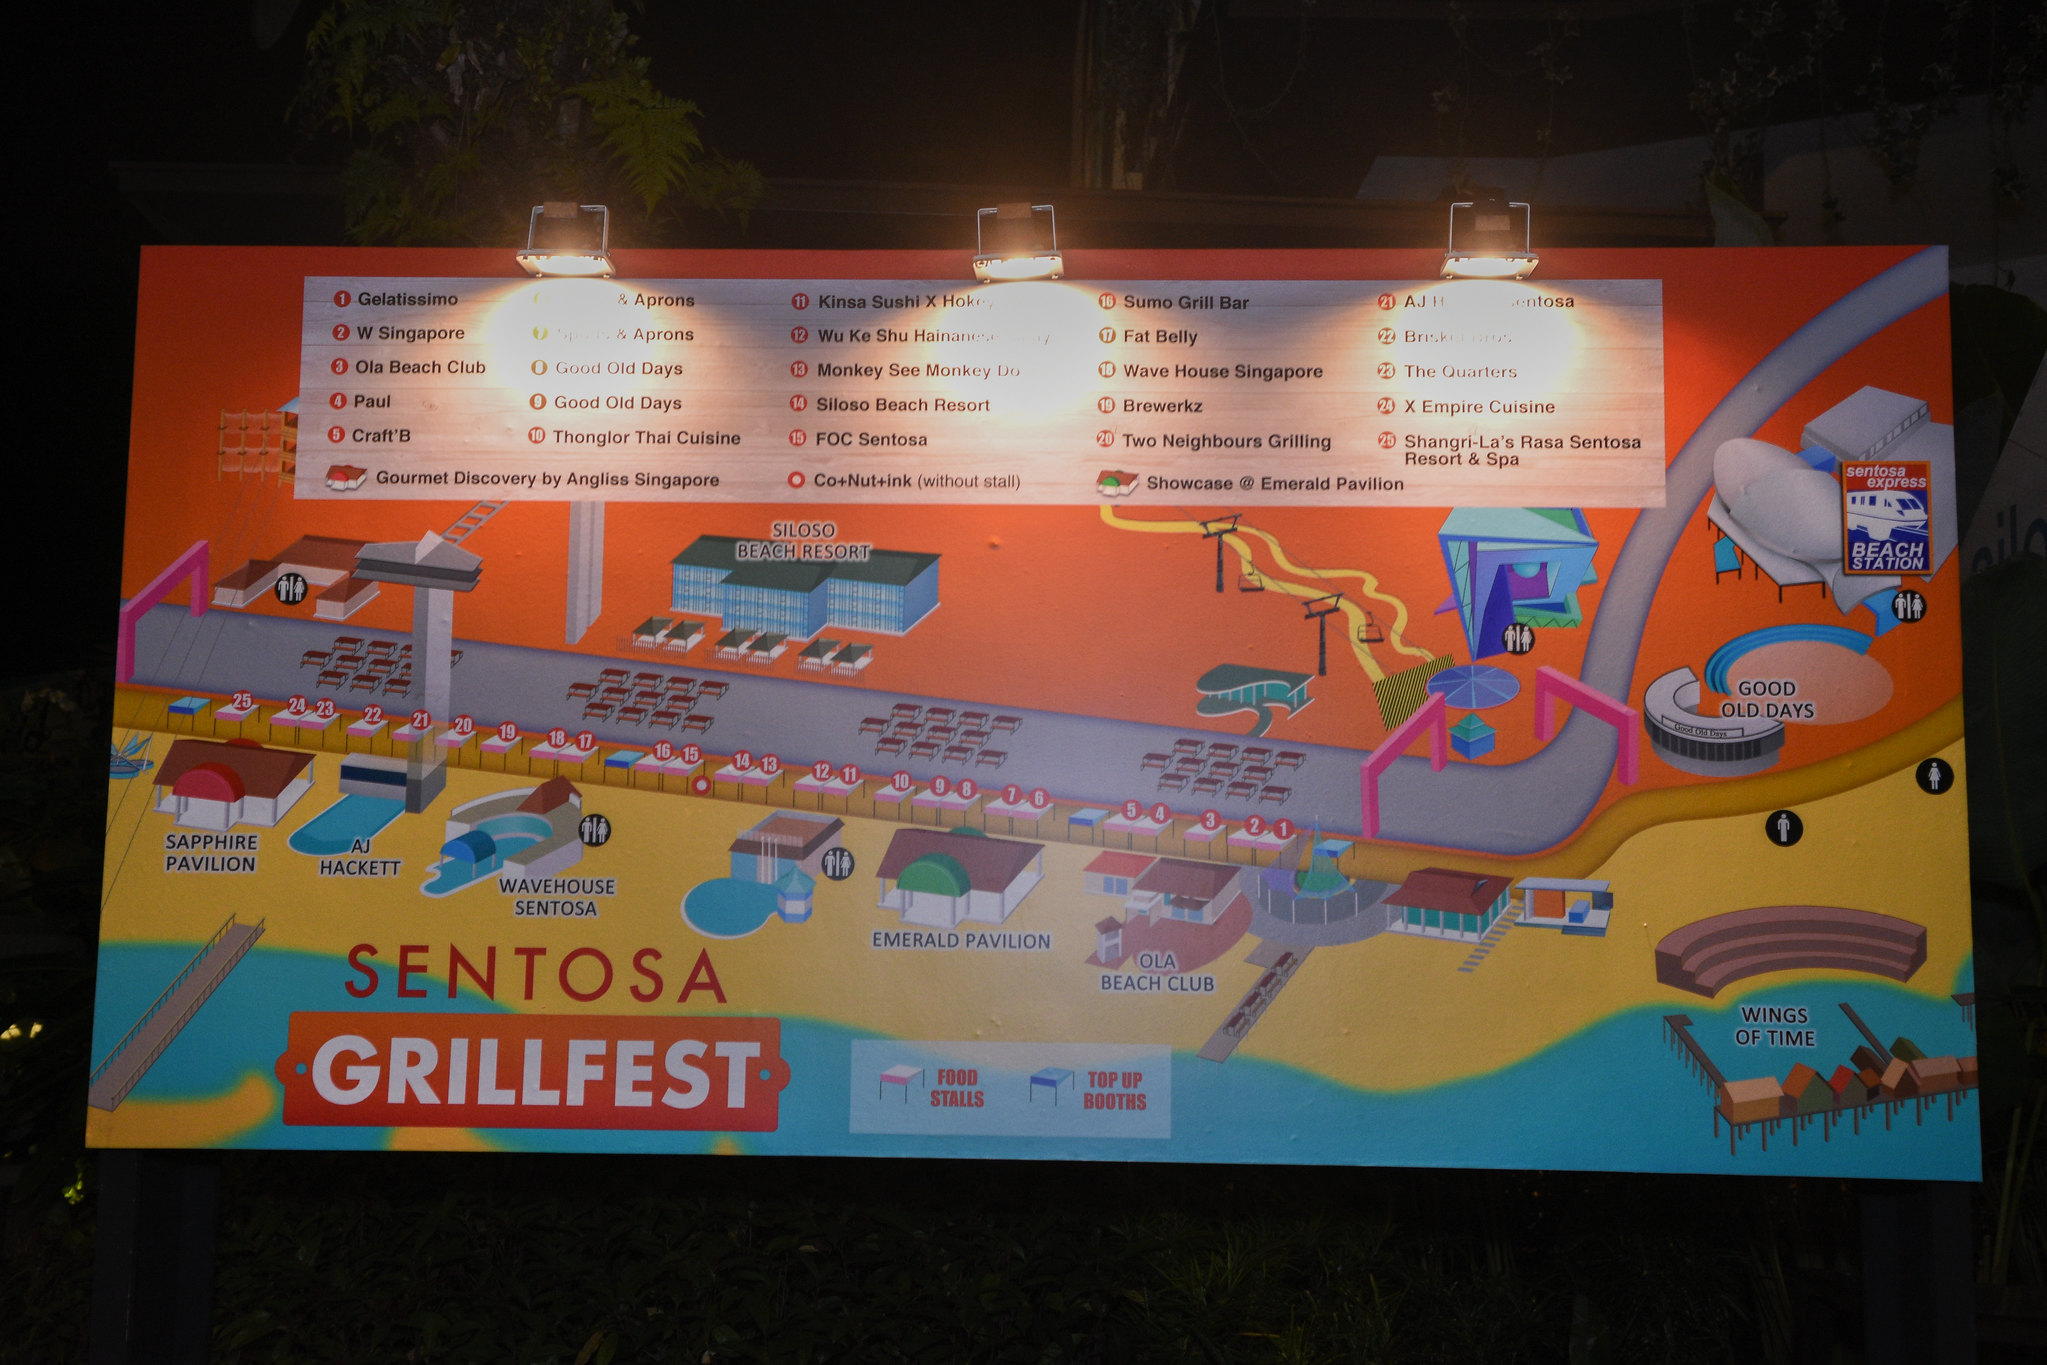 圣淘沙Grillfest DSC U 6300-1